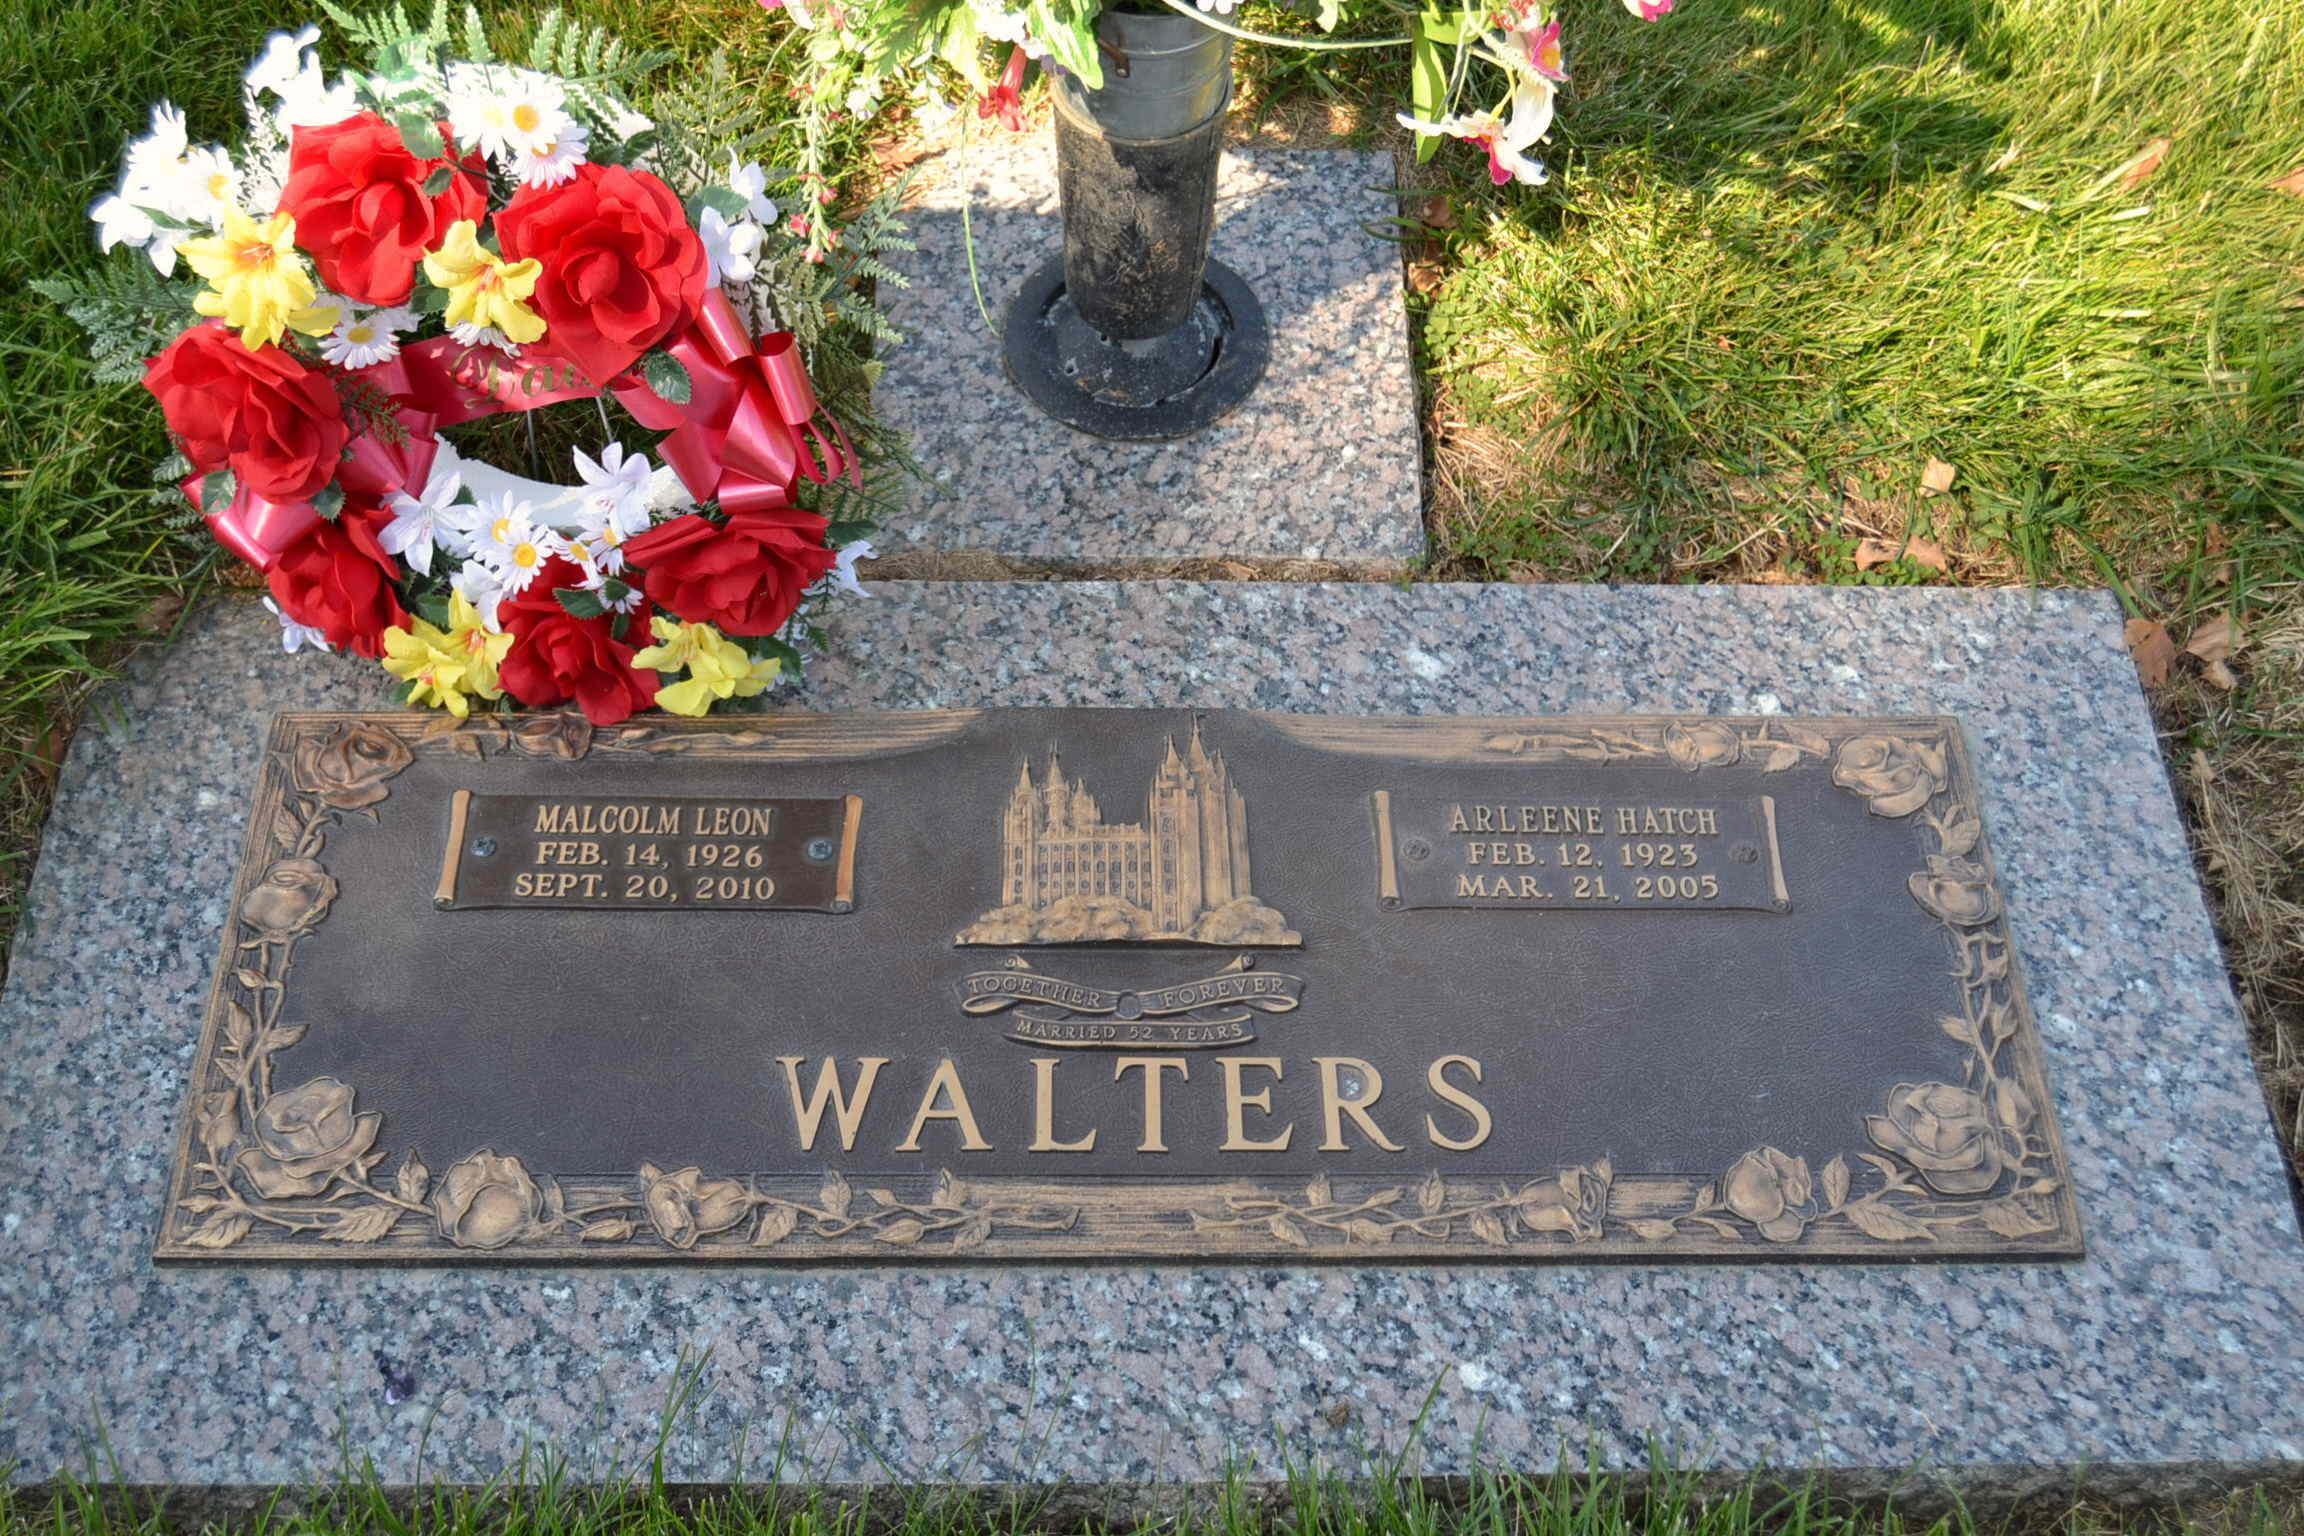 Arleene <i>Hatch</i> Walters